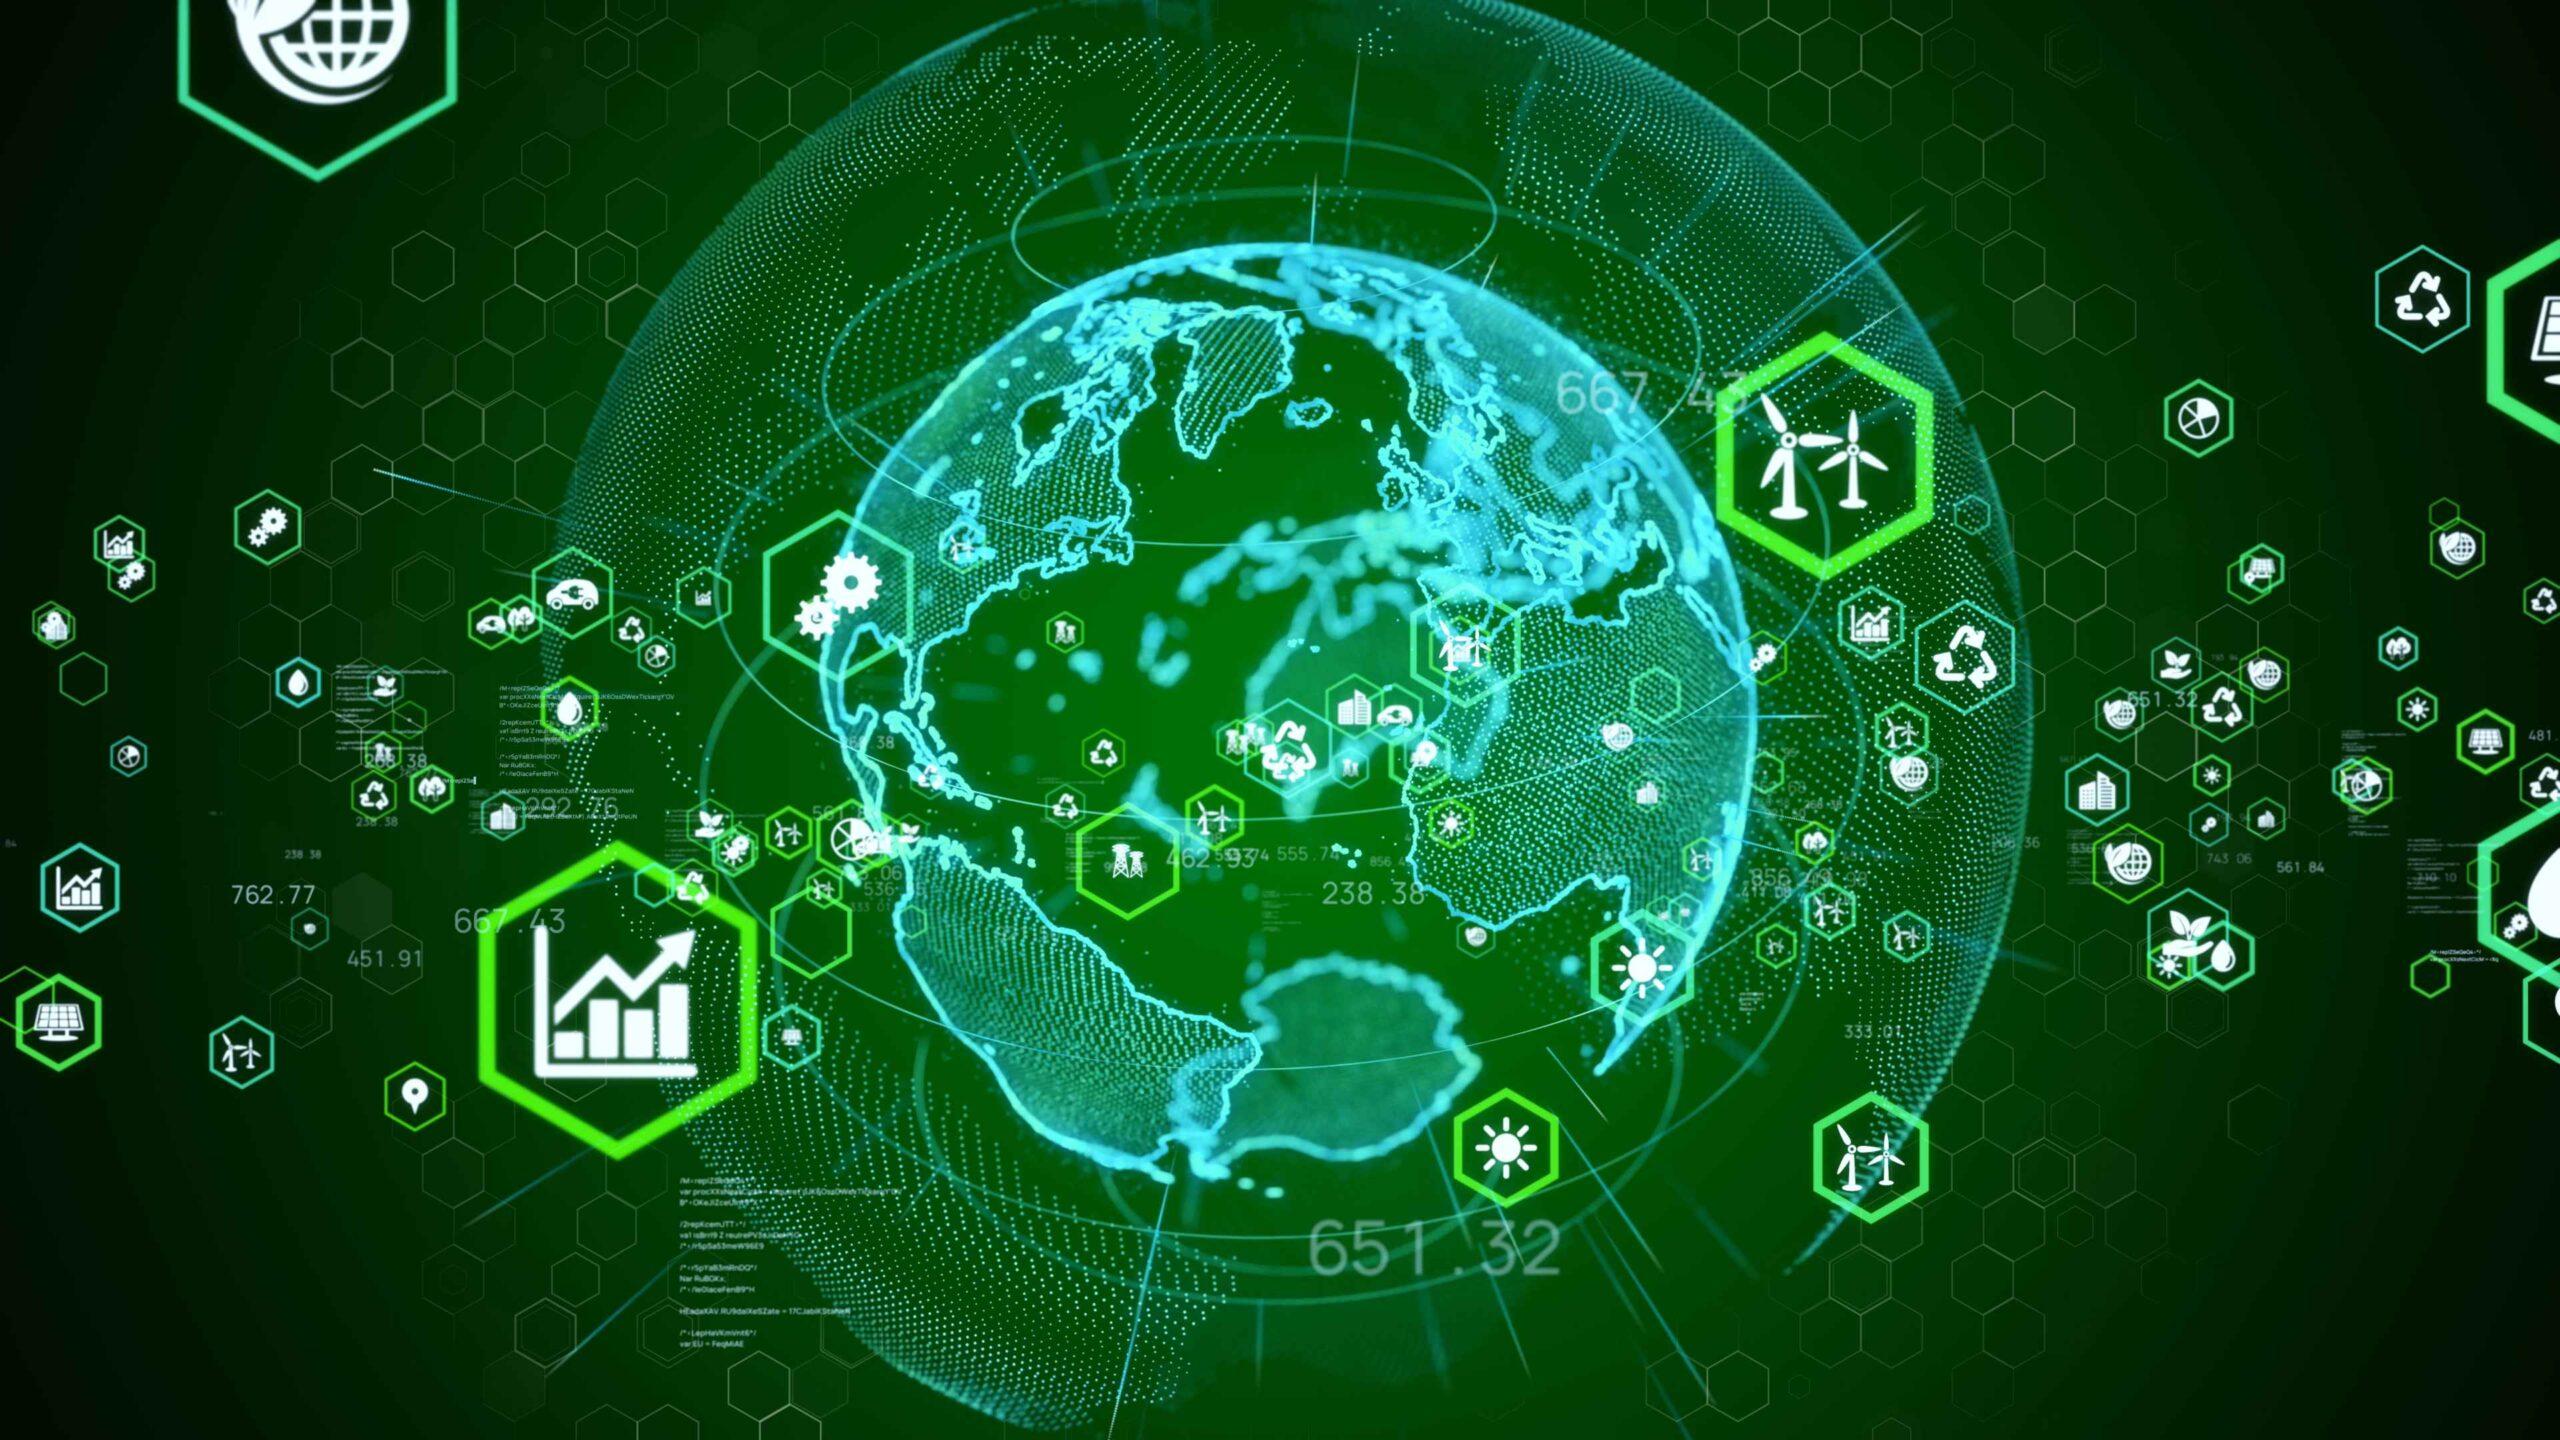 planeta tierra verde digital